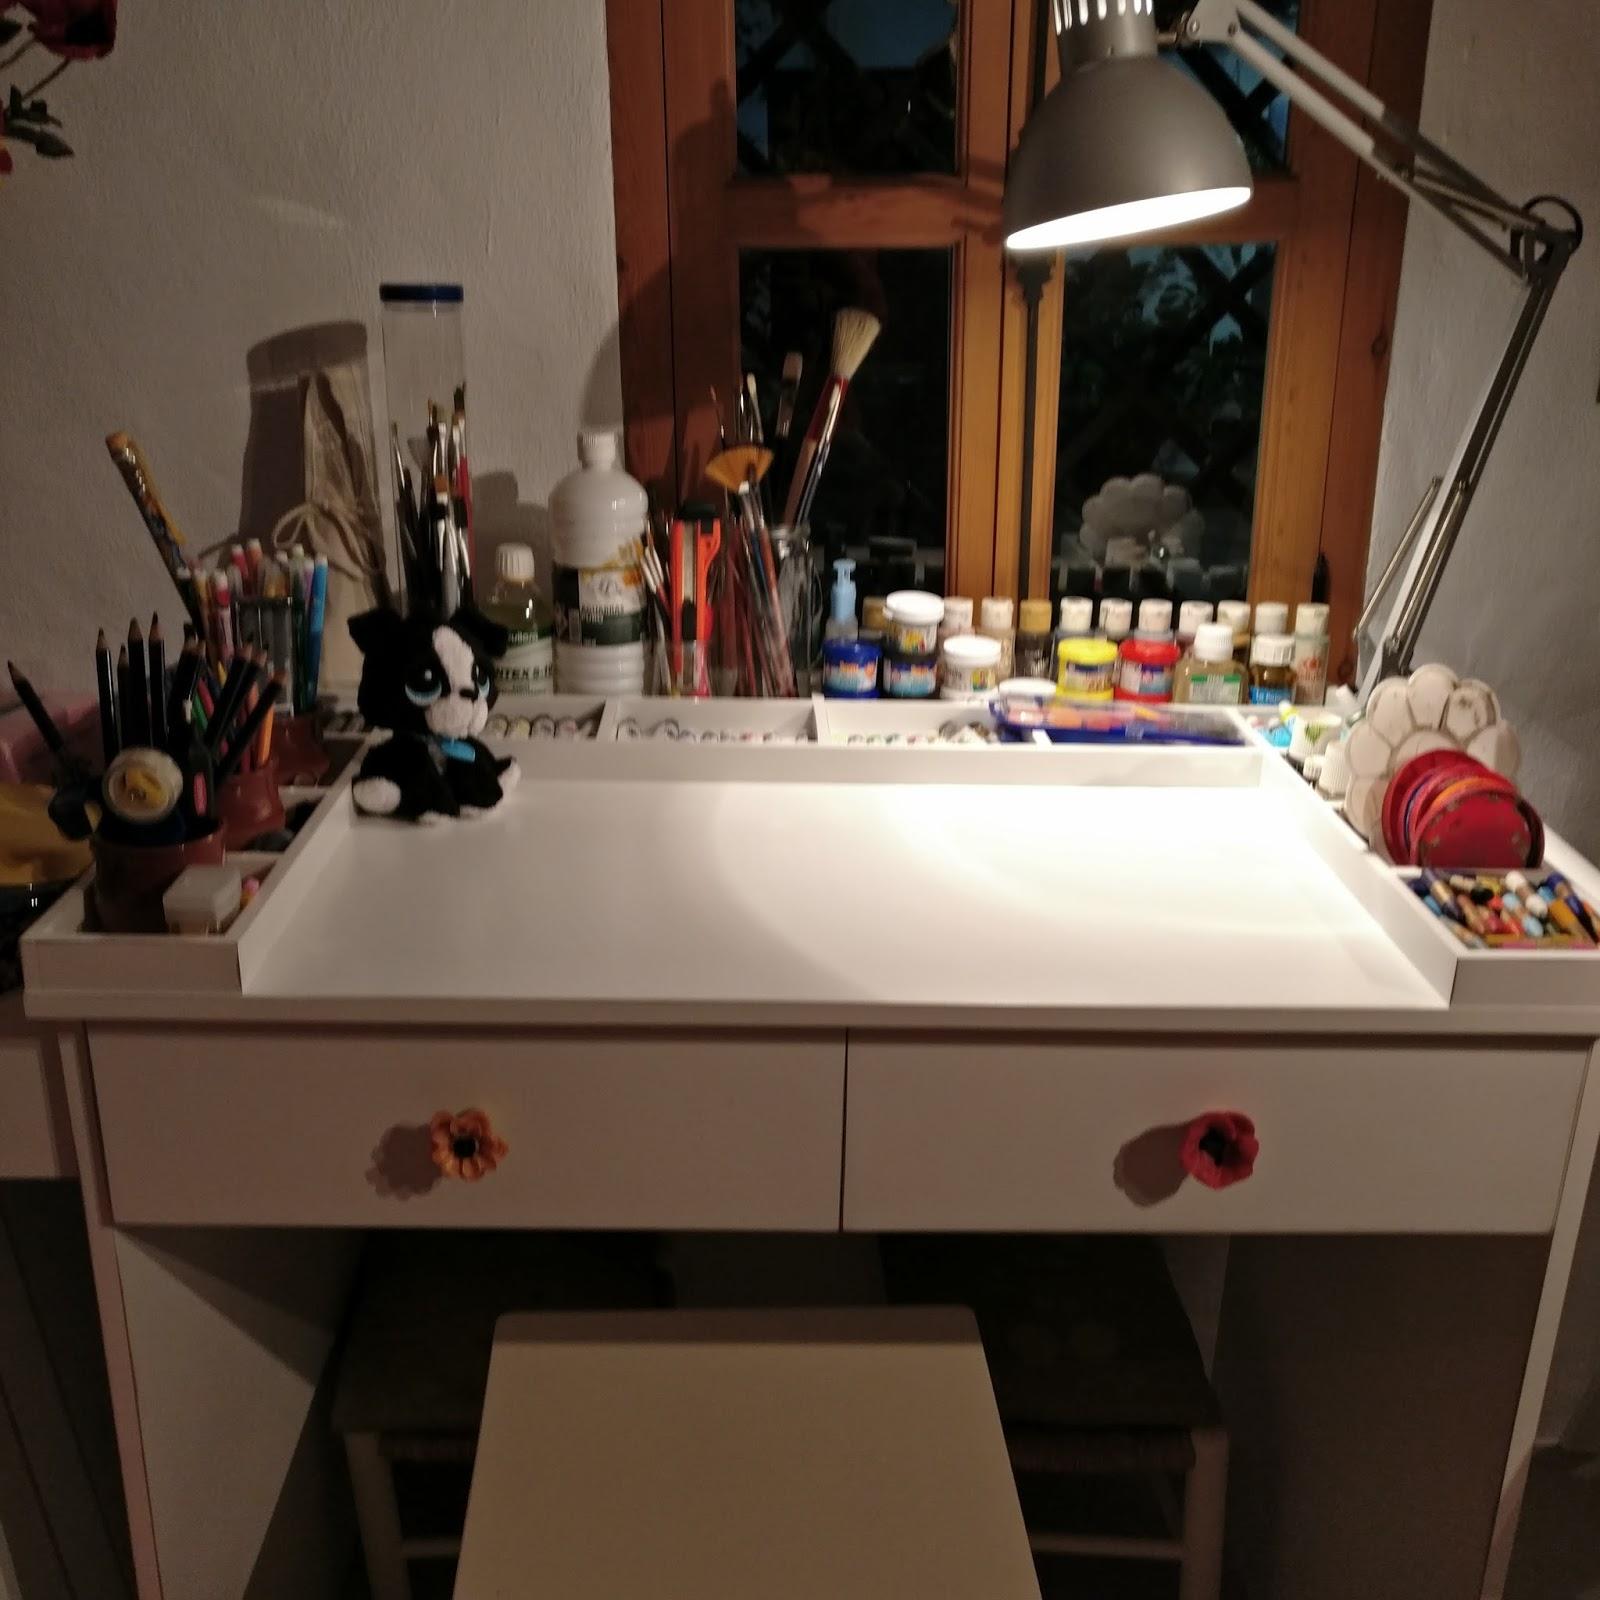 Muebles Para Organizar Claves Para Organizar Una Habitacin  # Organizar Muebles